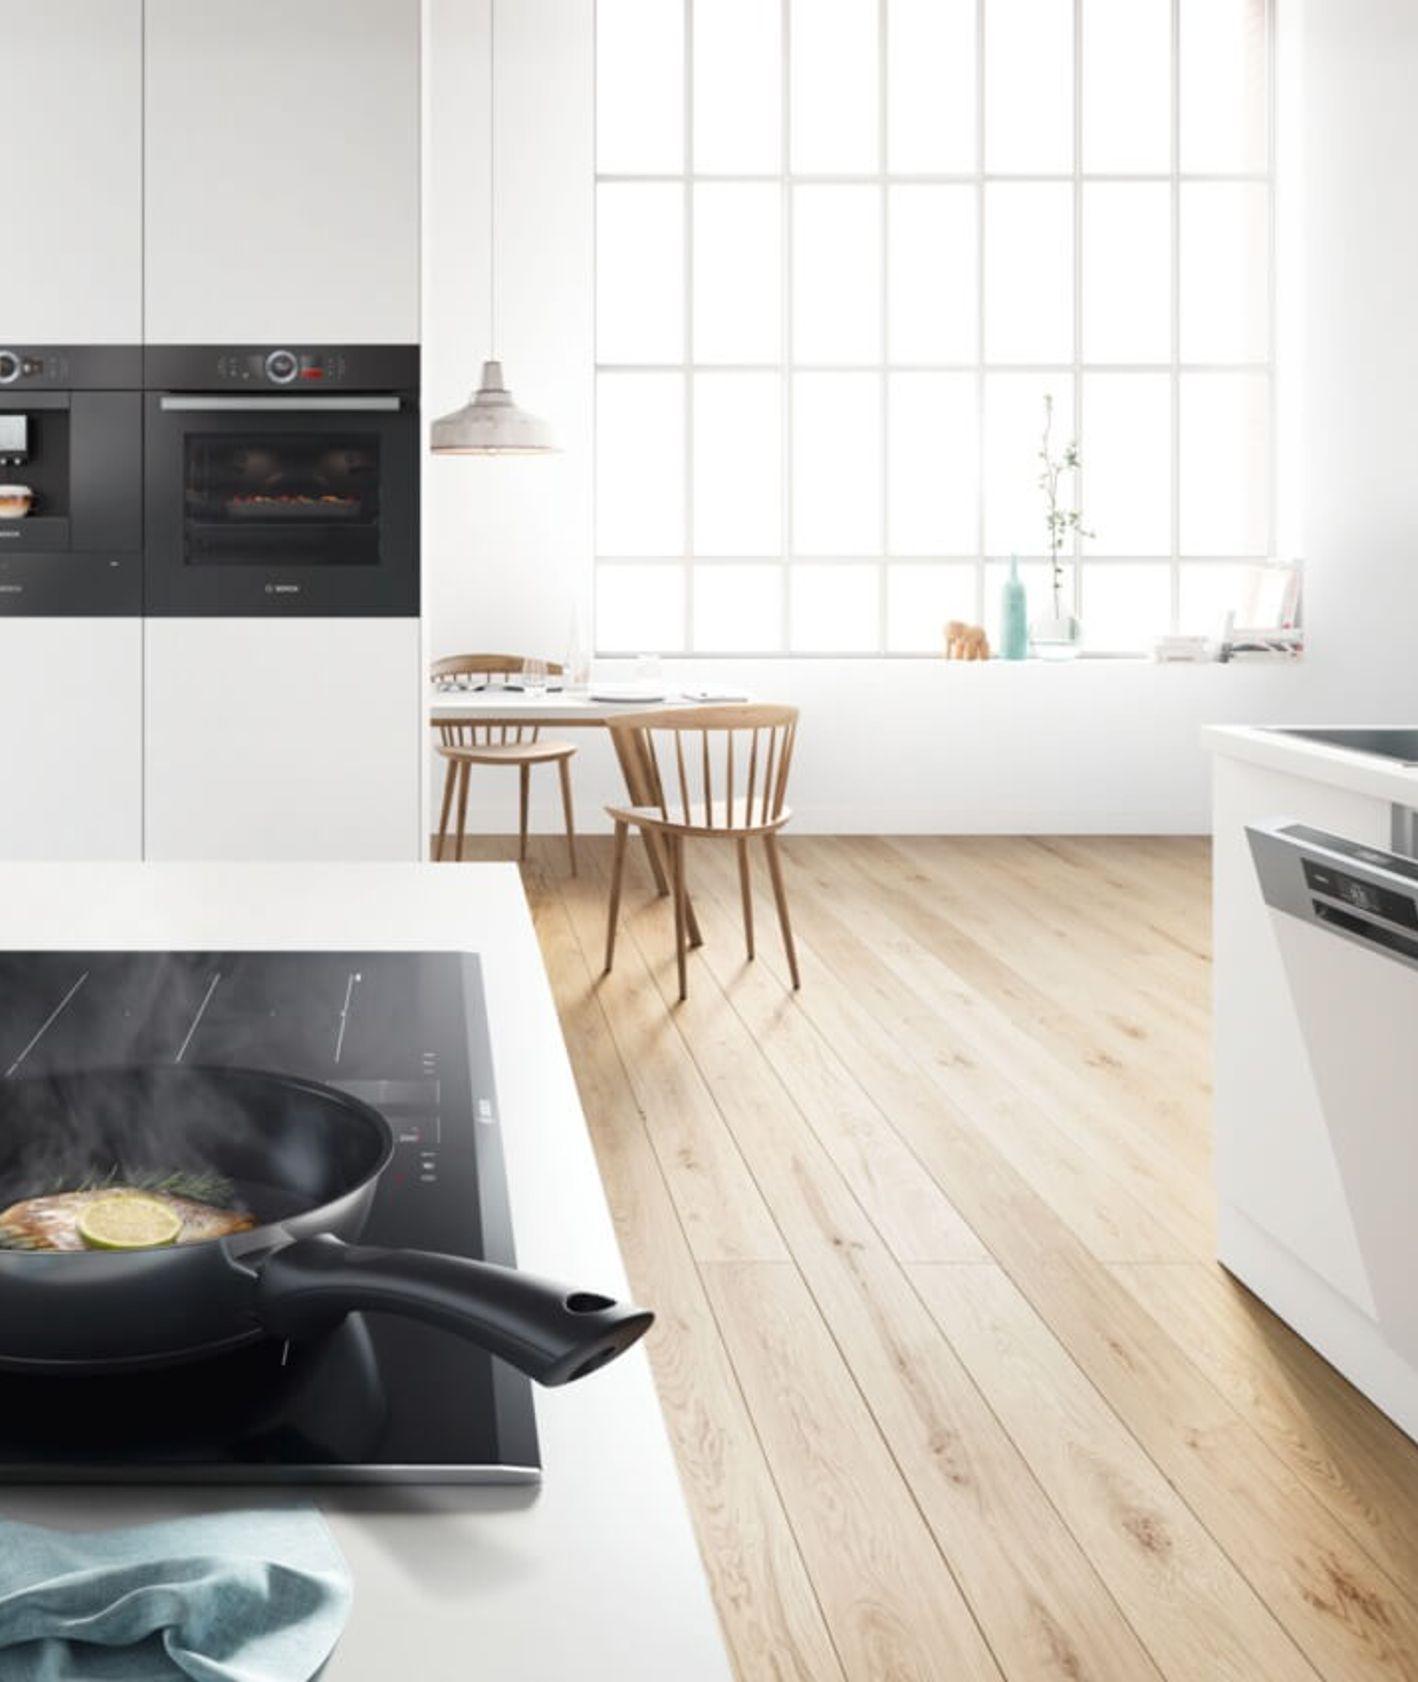 Zmywarka SMV46LX73E marki Bosch w kuchni (fot. materiały prasowe)